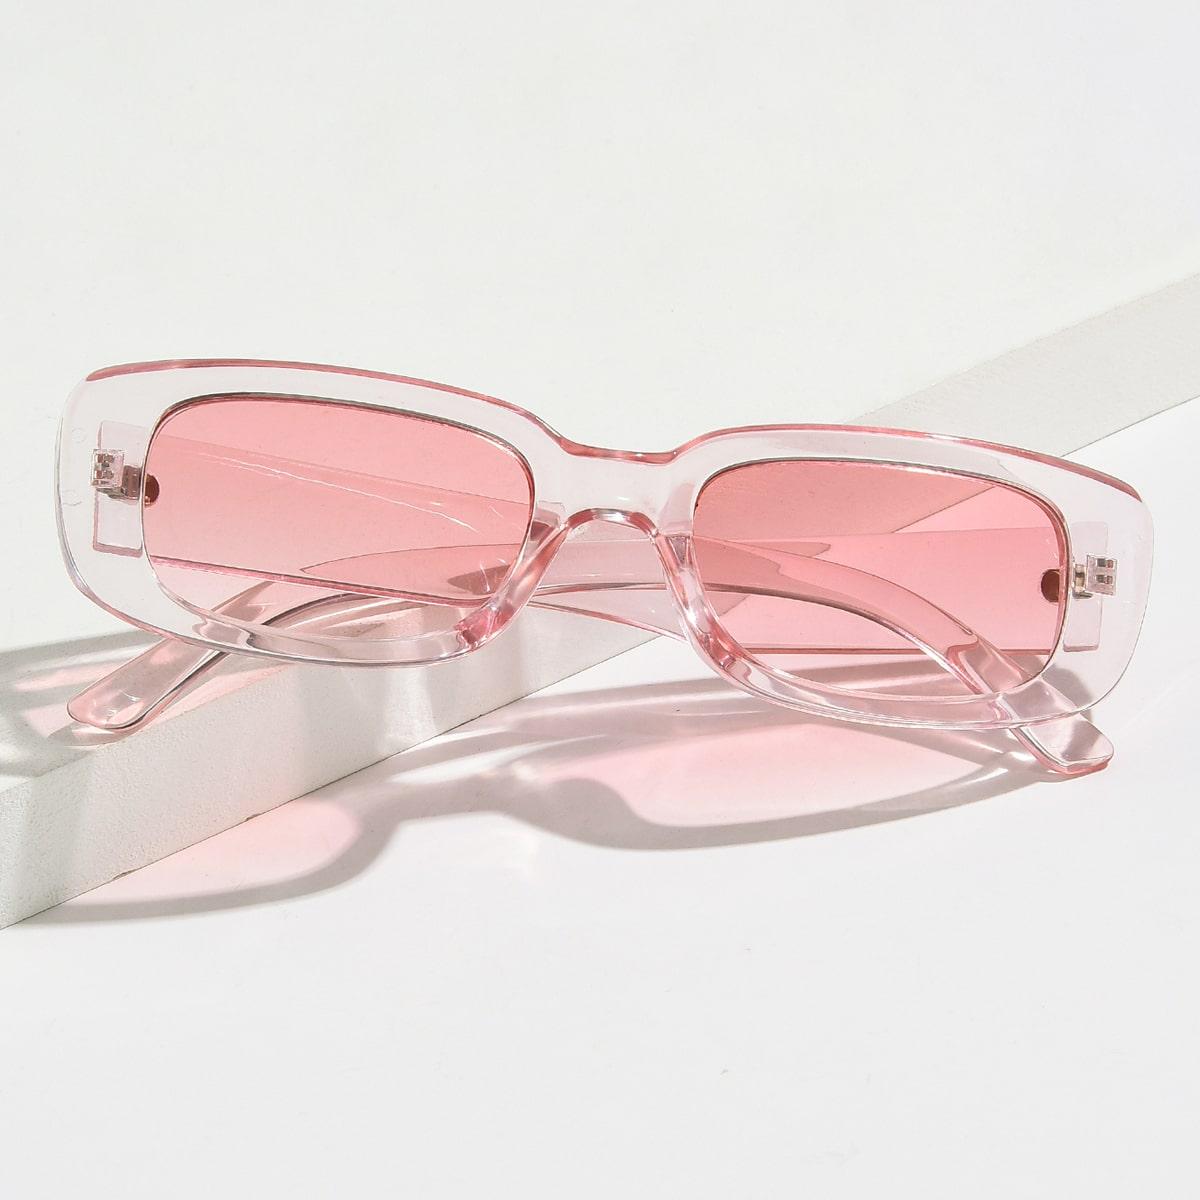 Солнечные очки в прозрачной оправе фото